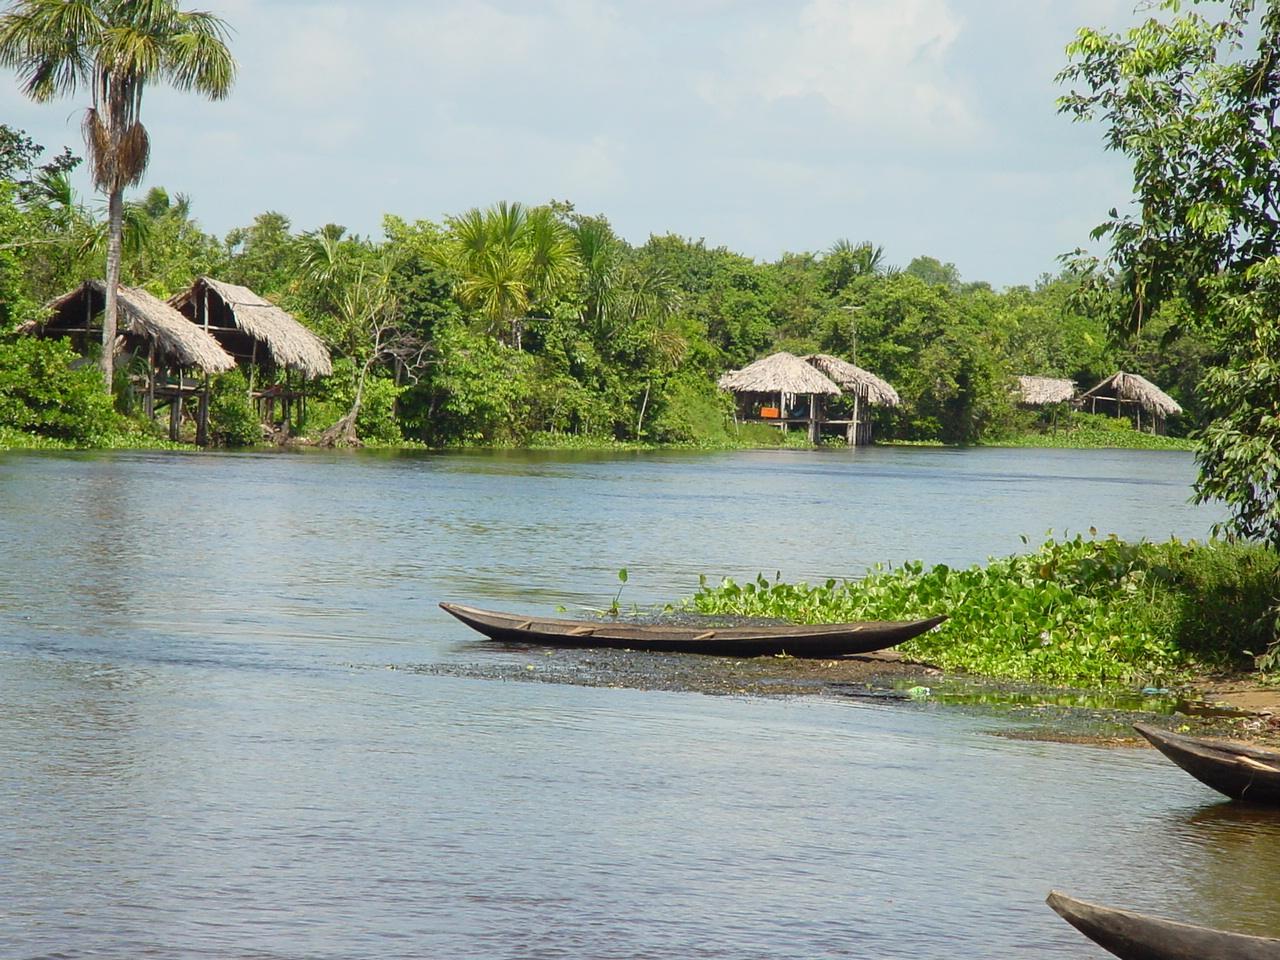 Entdecken Sie die landschaftliche Schönheit der Gegend um den Orinoco Fluss in Venezuela